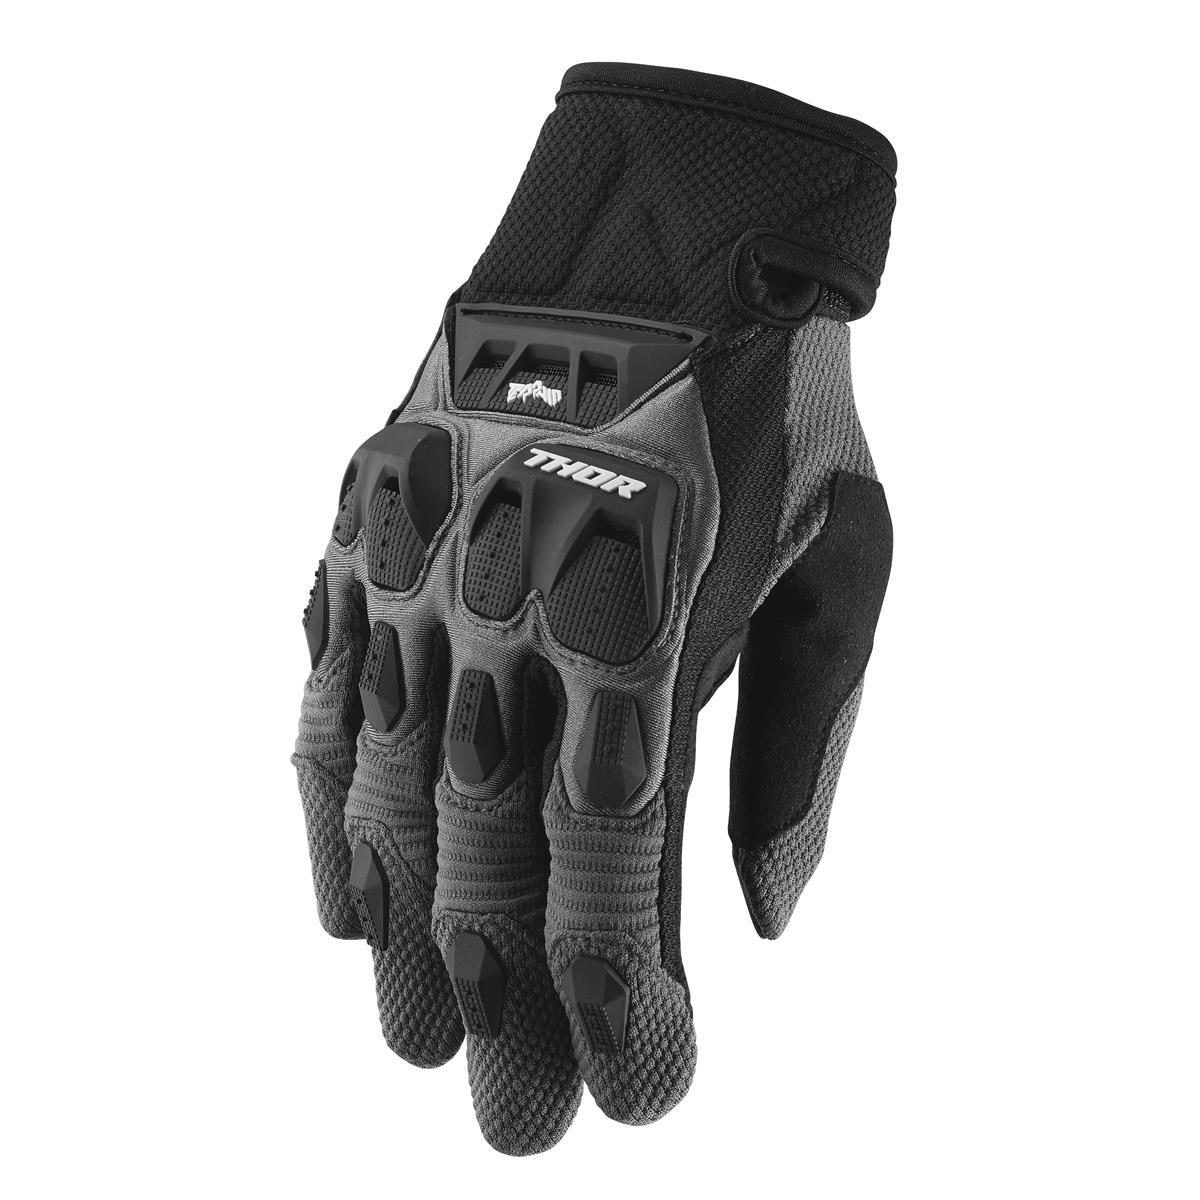 Thor Handschuhe Terrain Charcoal